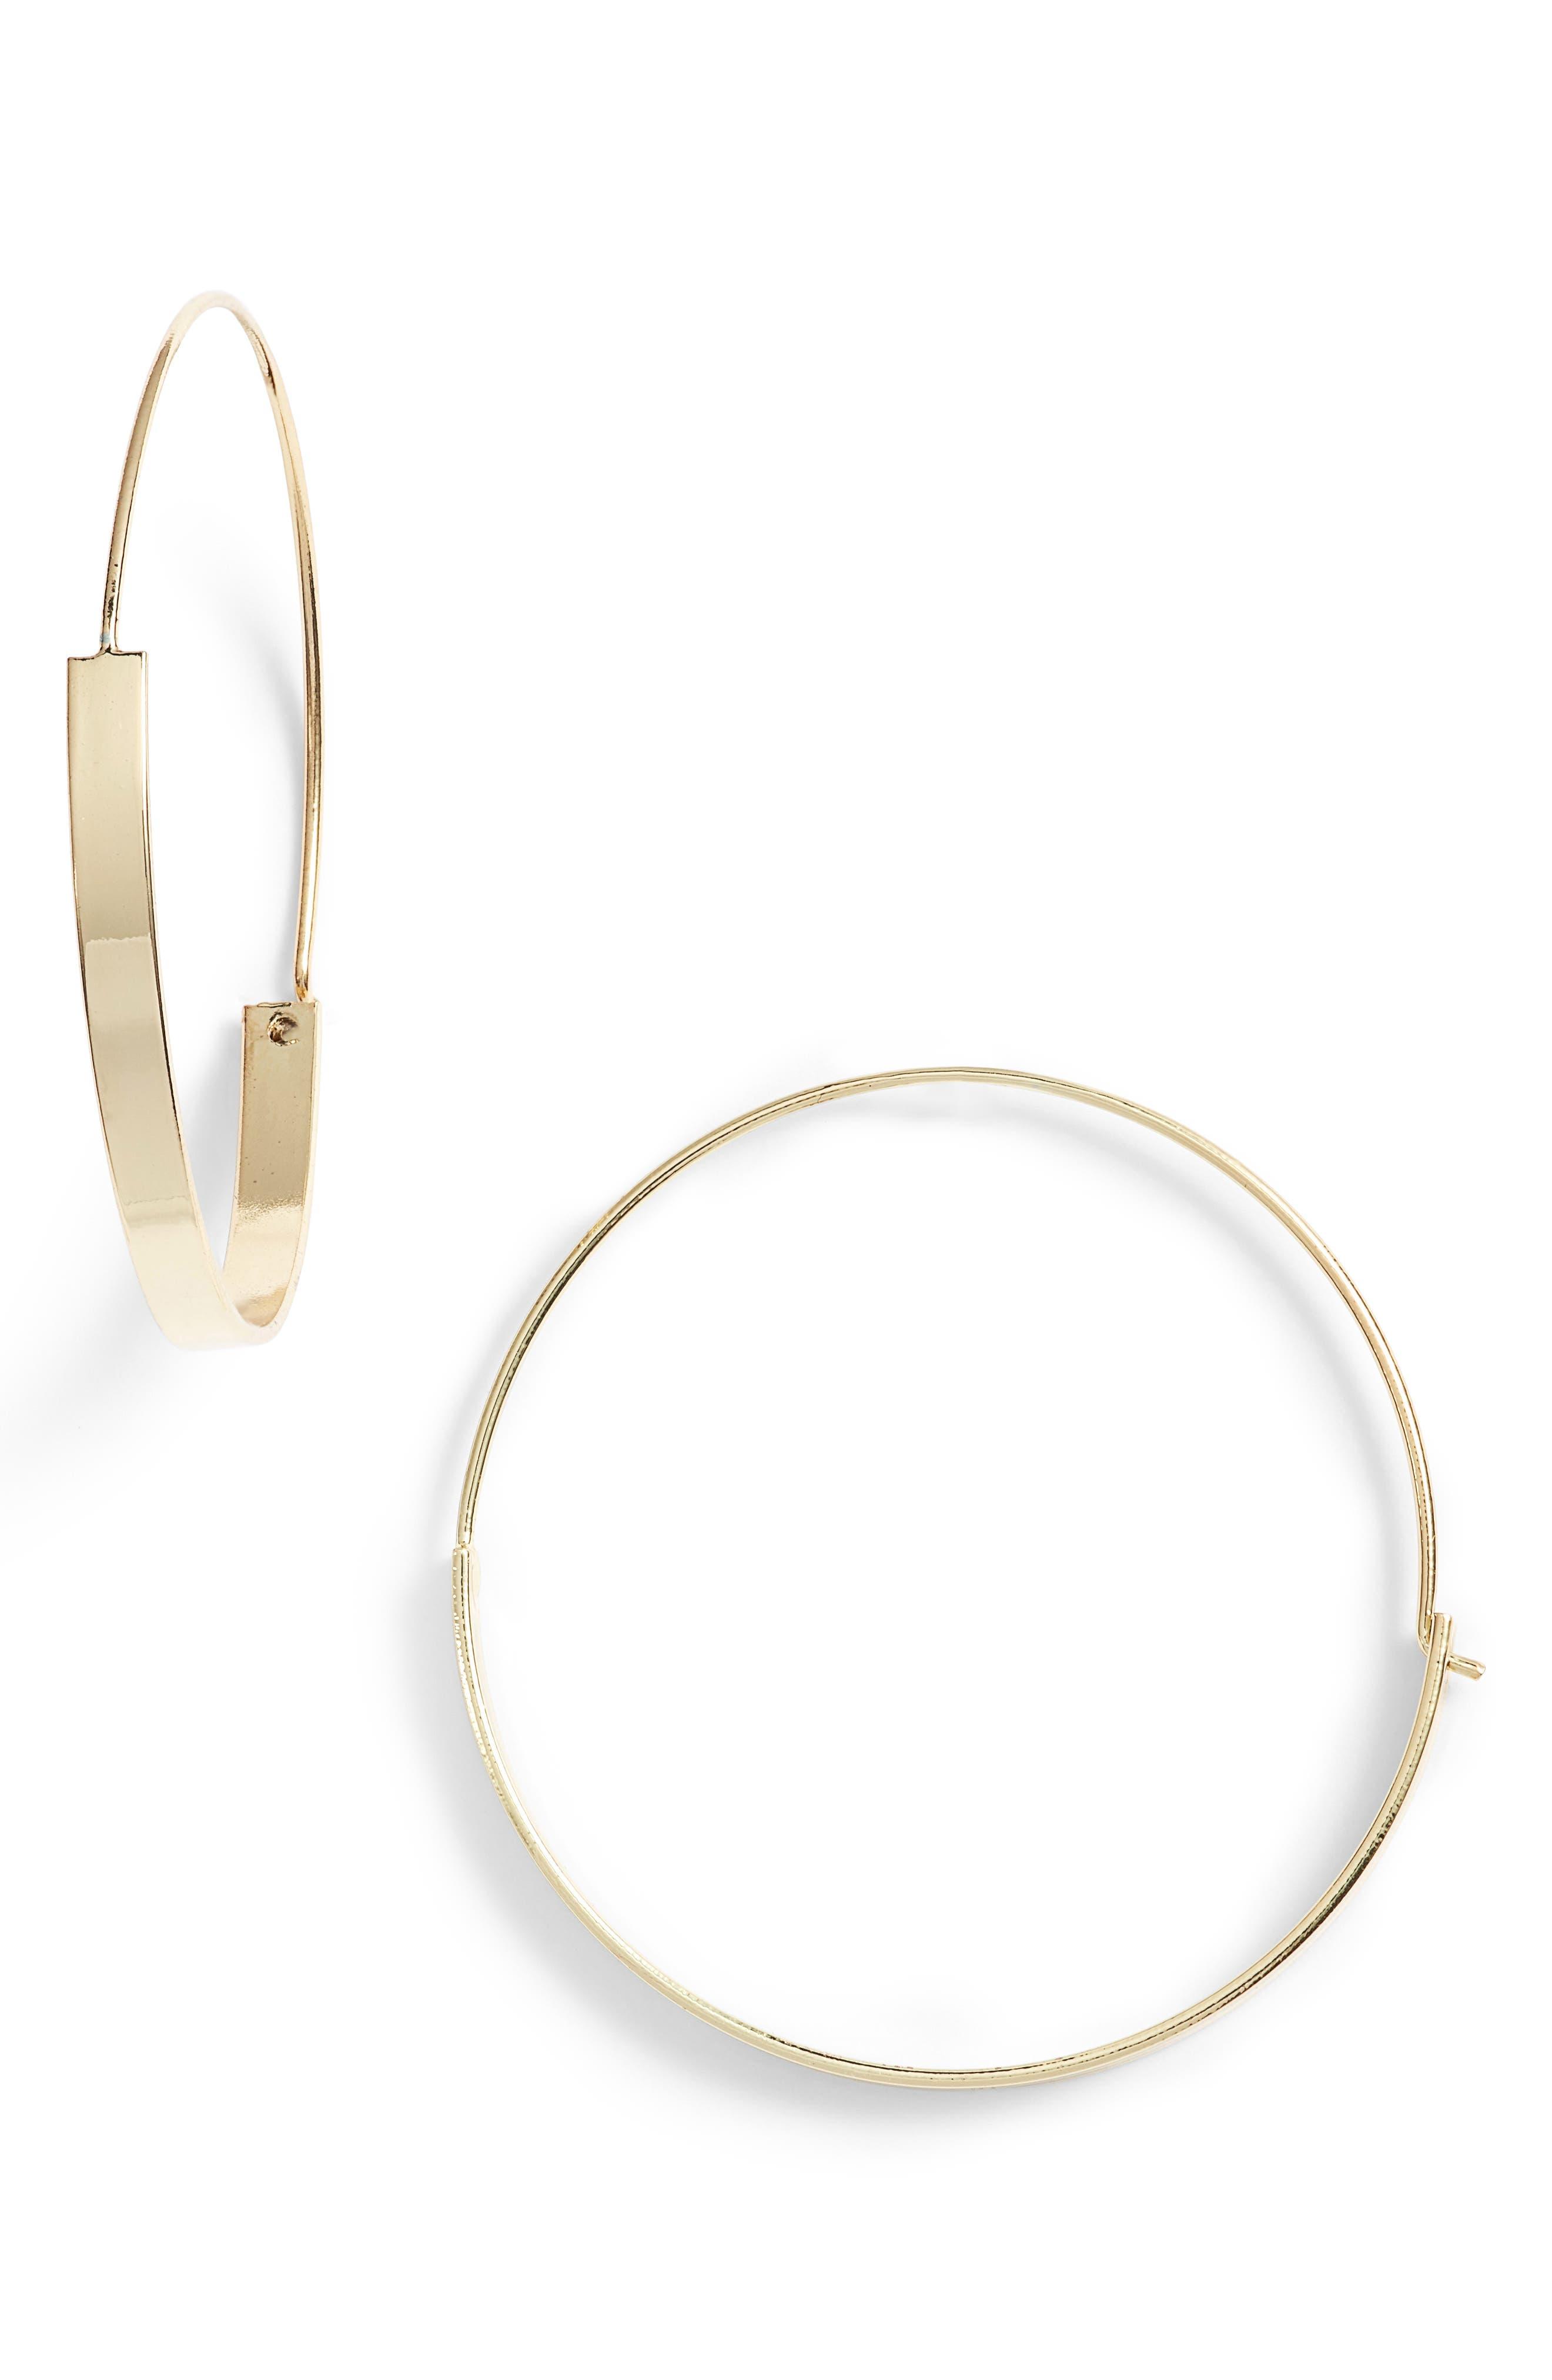 Kinley Hoop Earrings,                             Main thumbnail 1, color,                             710